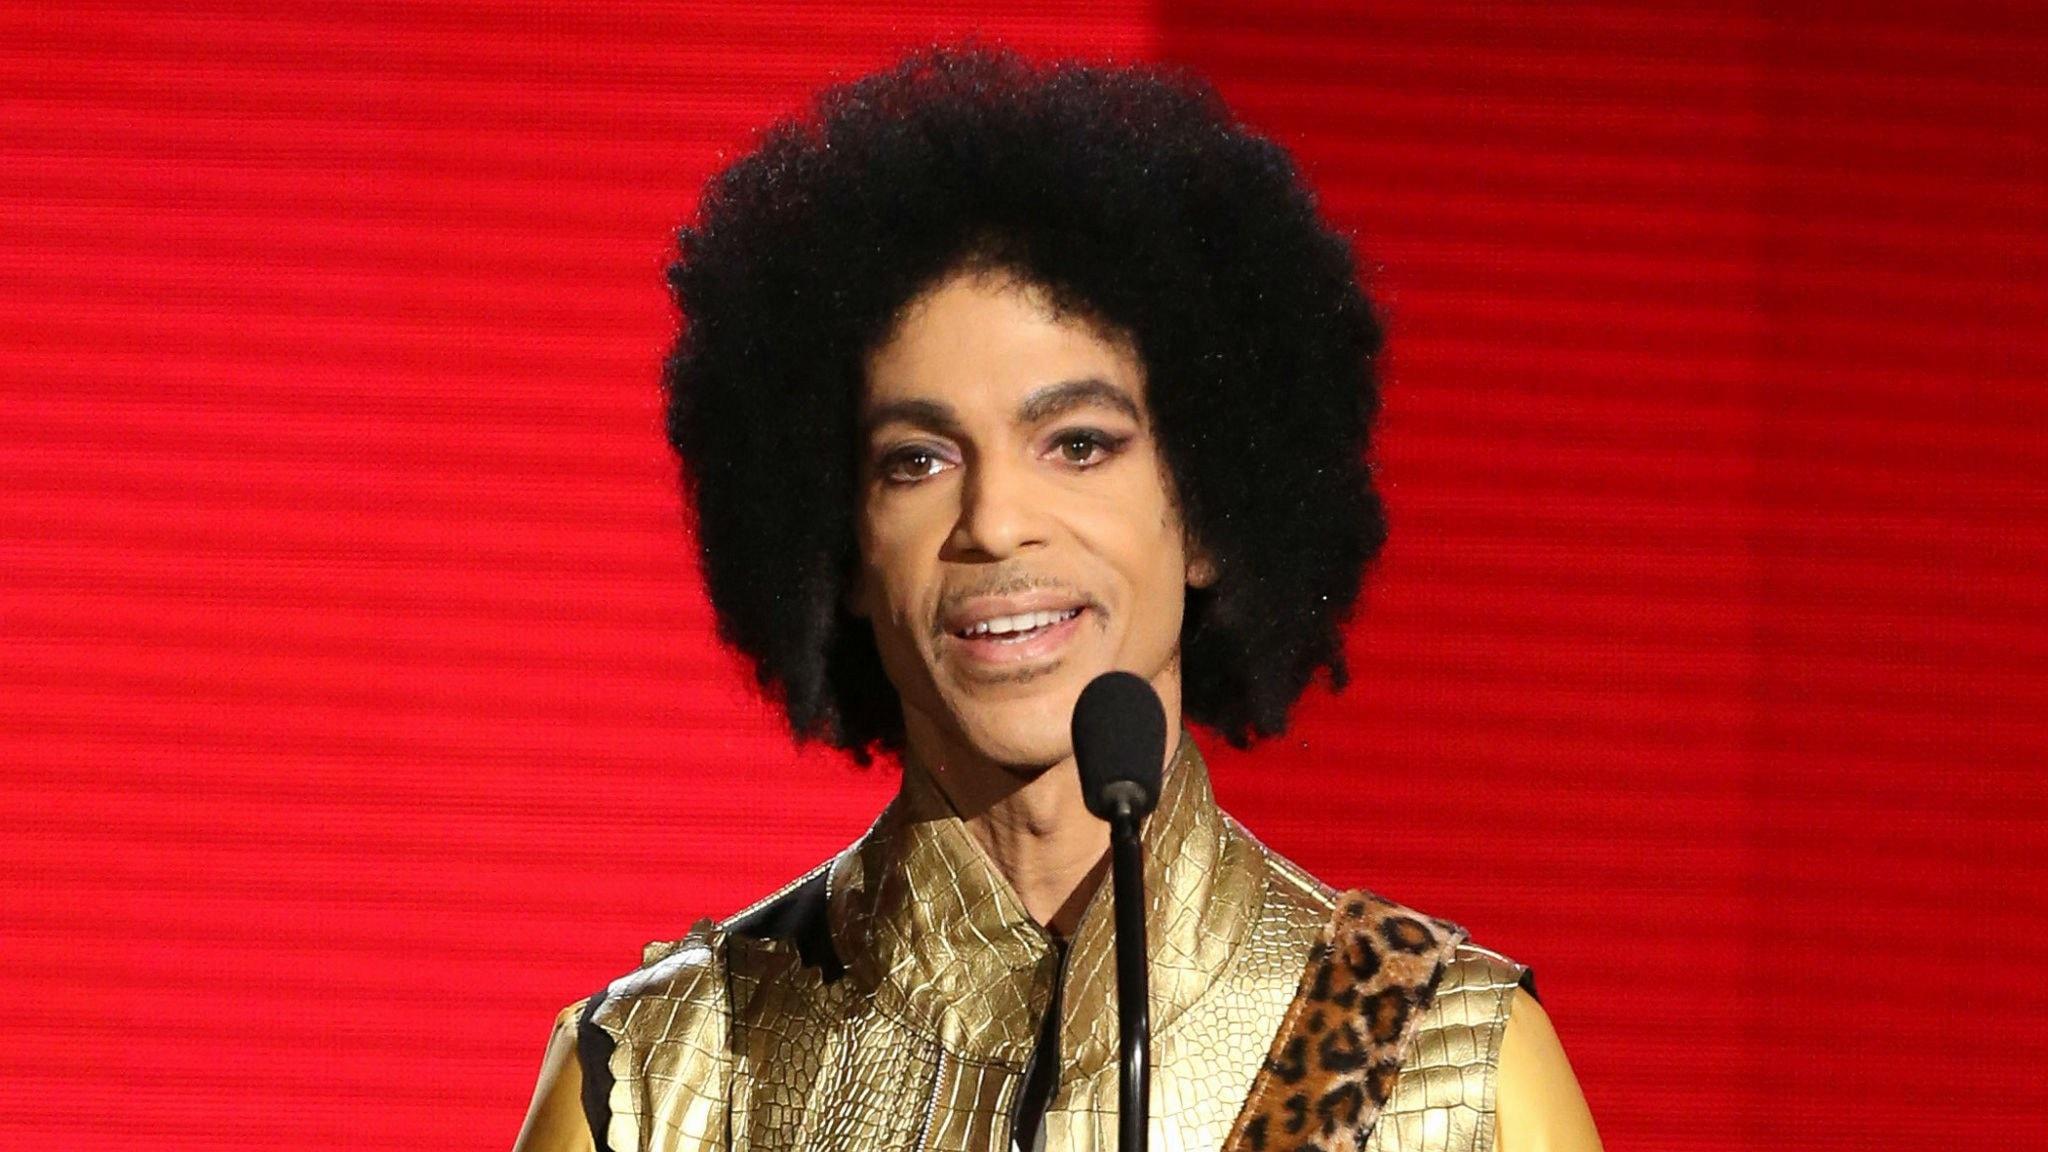 Prince är död! Micke Cederberg blickar bakåt och minns hitmaskinen Prince.